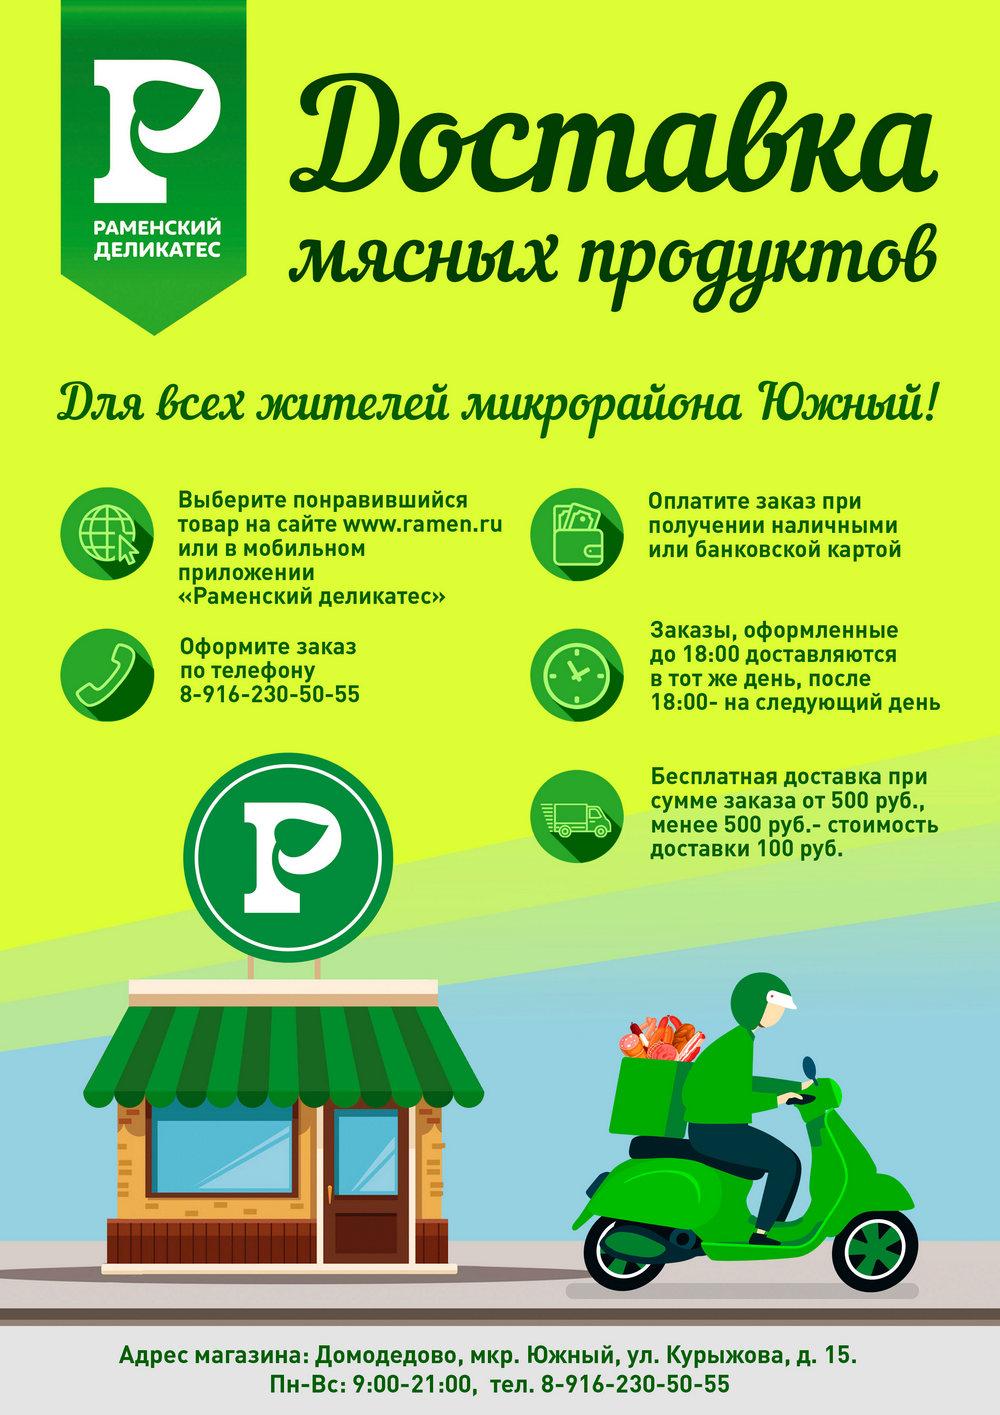 Встречайте, доставка от Раменского Деликатеса уже в Микрорайоне Южный, Домодедово!